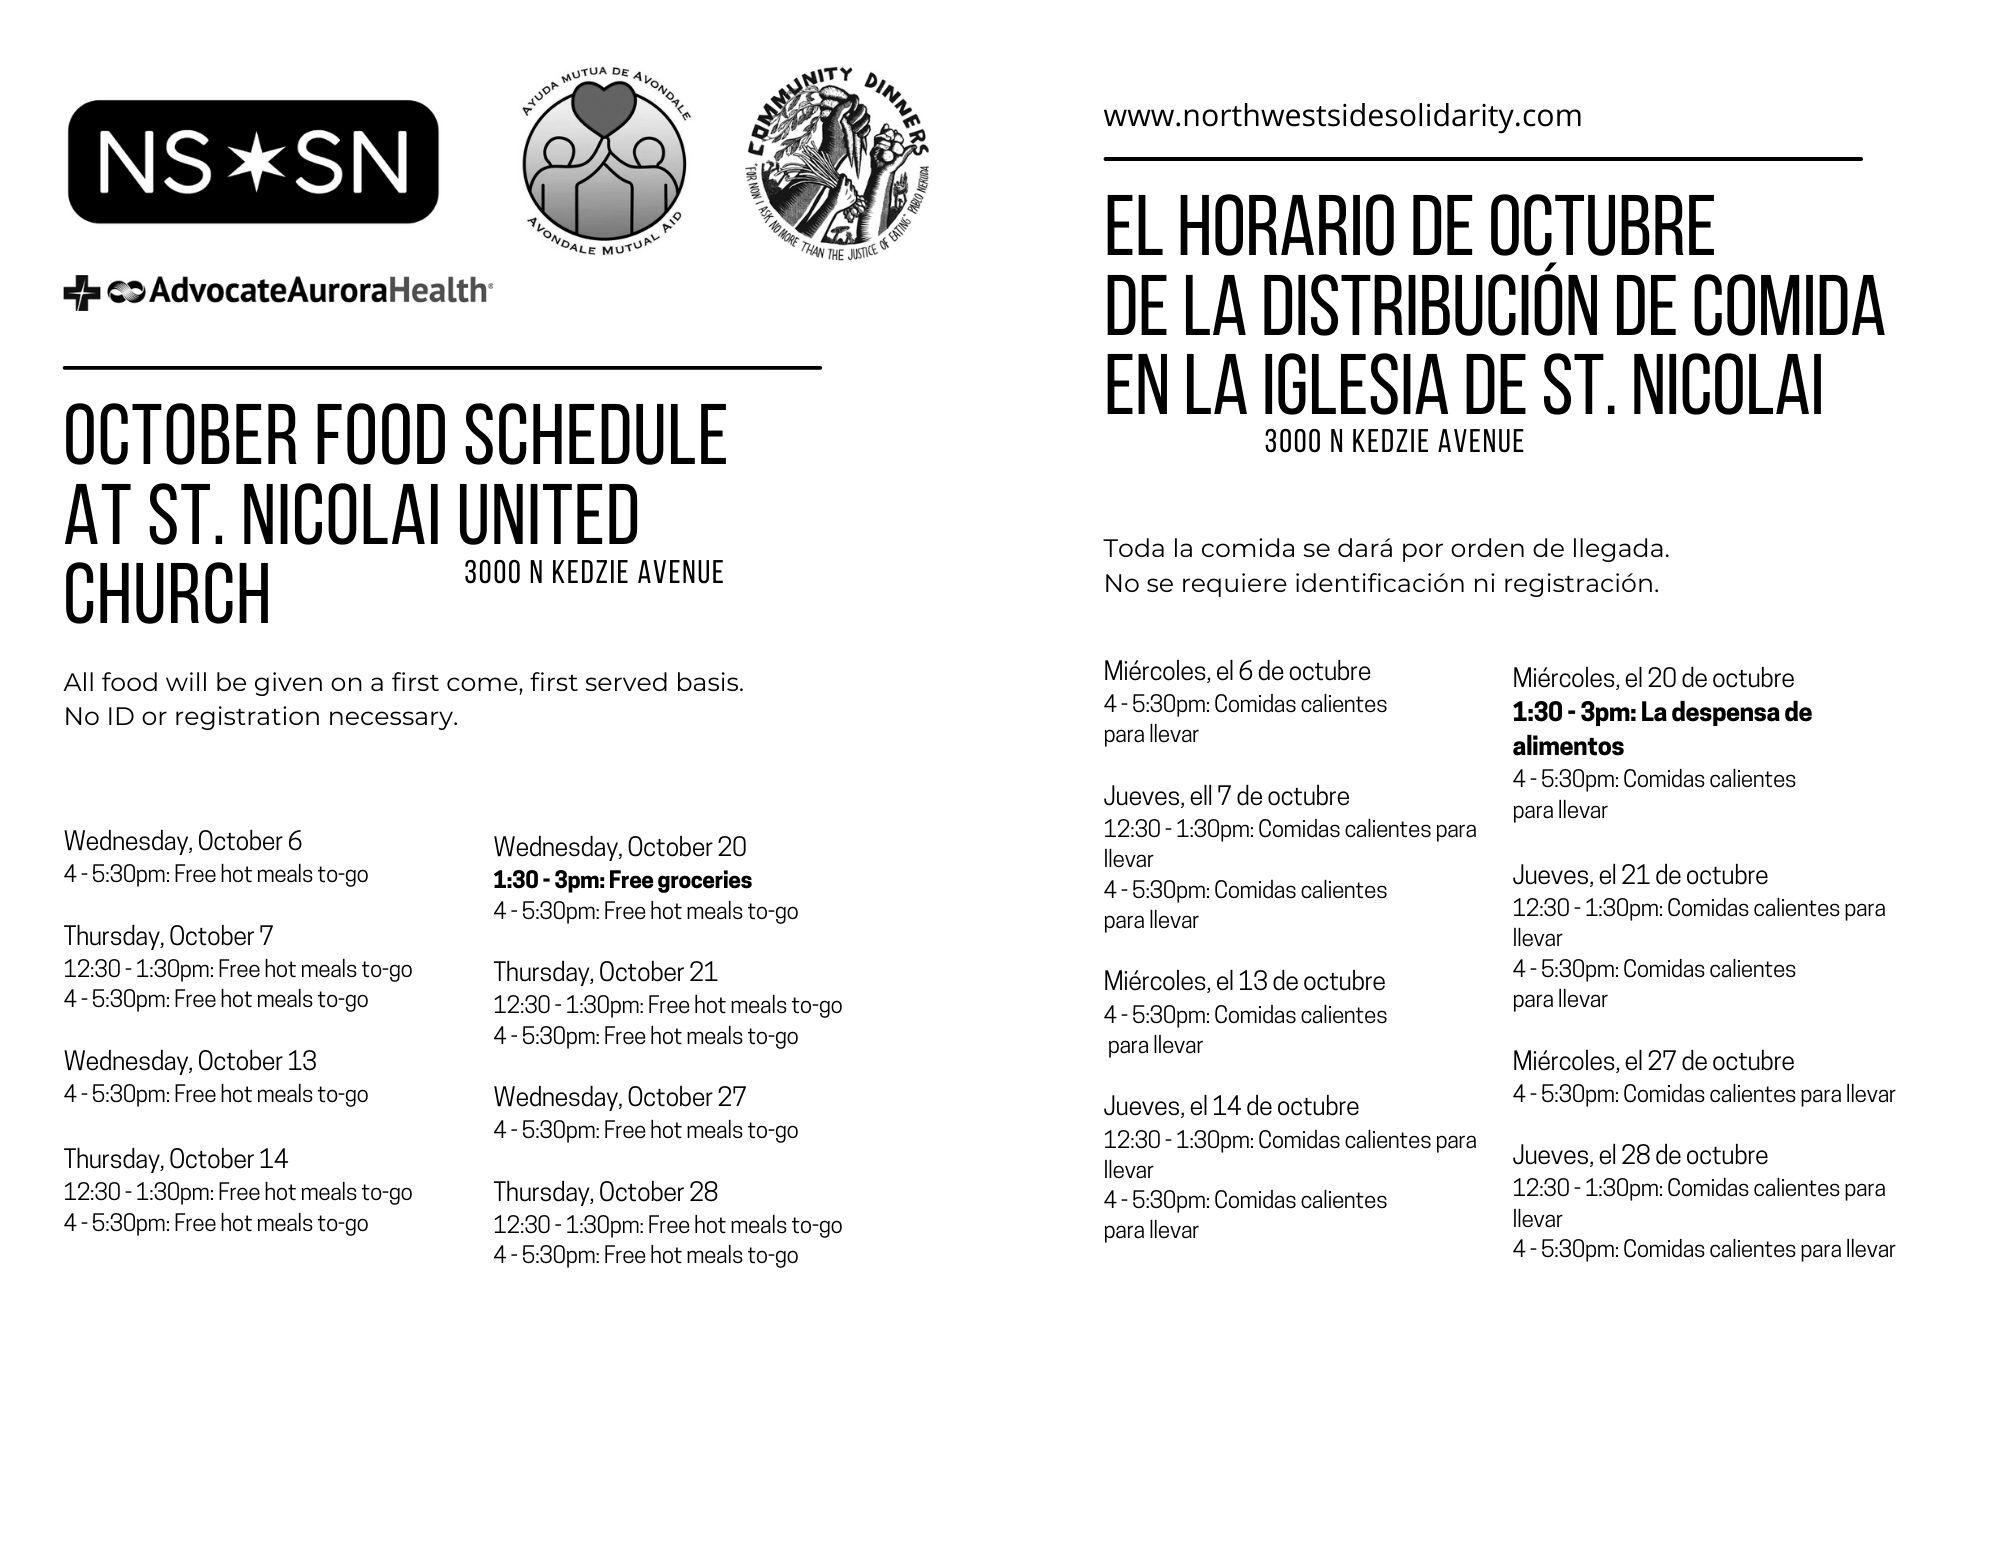 october Food Schedule at St. Nicolai United Church 3000 N Kedzie Avenue All food will be given on a first come, first served basis. No ID or registration necessary. Wednesday, October 6 4 - 5:30pm: Free hot meals to-go Thursday, October 7 12:30 - 1:30pm: Free hot meals to-go 4 - 5:30pm: Free hot meals to-go Wednesday, October 13 4 - 5:30pm: Free hot meals to-go Thursday, October 14 12:30 - 1:30pm: Free hot meals to-go 4 - 5:30pm: Free hot meals to-go Wednesday, October 20 1:30 - 3pm: Free groceries 4 - 5:30pm: Free hot meals to-go Thursday, October 21 12:30 - 1:30pm: Free hot meals to-go 4 - 5:30pm: Free hot meals to-go Wednesday, October 27 4 - 5:30pm: Free hot meals to-go Thursday, October 28 12:30 - 1:30pm: Free hot meals to-go 4 - 5:30pm: Free hot meals to-go El horario de octubre de la distribución de comida en la Iglesia de St. Nicolai 3000 N Kedzie Avenue Toda la comida se dará por orden de llegada. No se requiere identificación ni registración. Miércoles, el 20 de octubre 1:30 - 3pm: La despensa de alimentos 4 - 5:30pm: Comidas calientes para llevar Jueves, el 21 de octubre 12:30 - 1:30pm: Comidas calientes para llevar 4 - 5:30pm: Comidas calientes para llevar Miércoles, el 27 de octubre 4 - 5:30pm: Comidas calientes para llevar Jueves, el 28 de octubre 12:30 - 1:30pm: Comidas calientes para llevar 4 - 5:30pm: Comidas calientes para llevar Miércoles, el 6 de octubre 4 - 5:30pm: Comidas calientes para llevar Jueves, ell 7 de octubre 12:30 - 1:30pm: Comidas calientes para llevar 4 - 5:30pm: Comidas calientes para llevar Miércoles, el 13 de octubre 4 - 5:30pm: Comidas calientes para llevar Jueves, el 14 de octubre 12:30 - 1:30pm: Comidas calientes para llevar 4 - 5:30pm: Comidas calientes para llevar www.northwestsidesolidarity.com